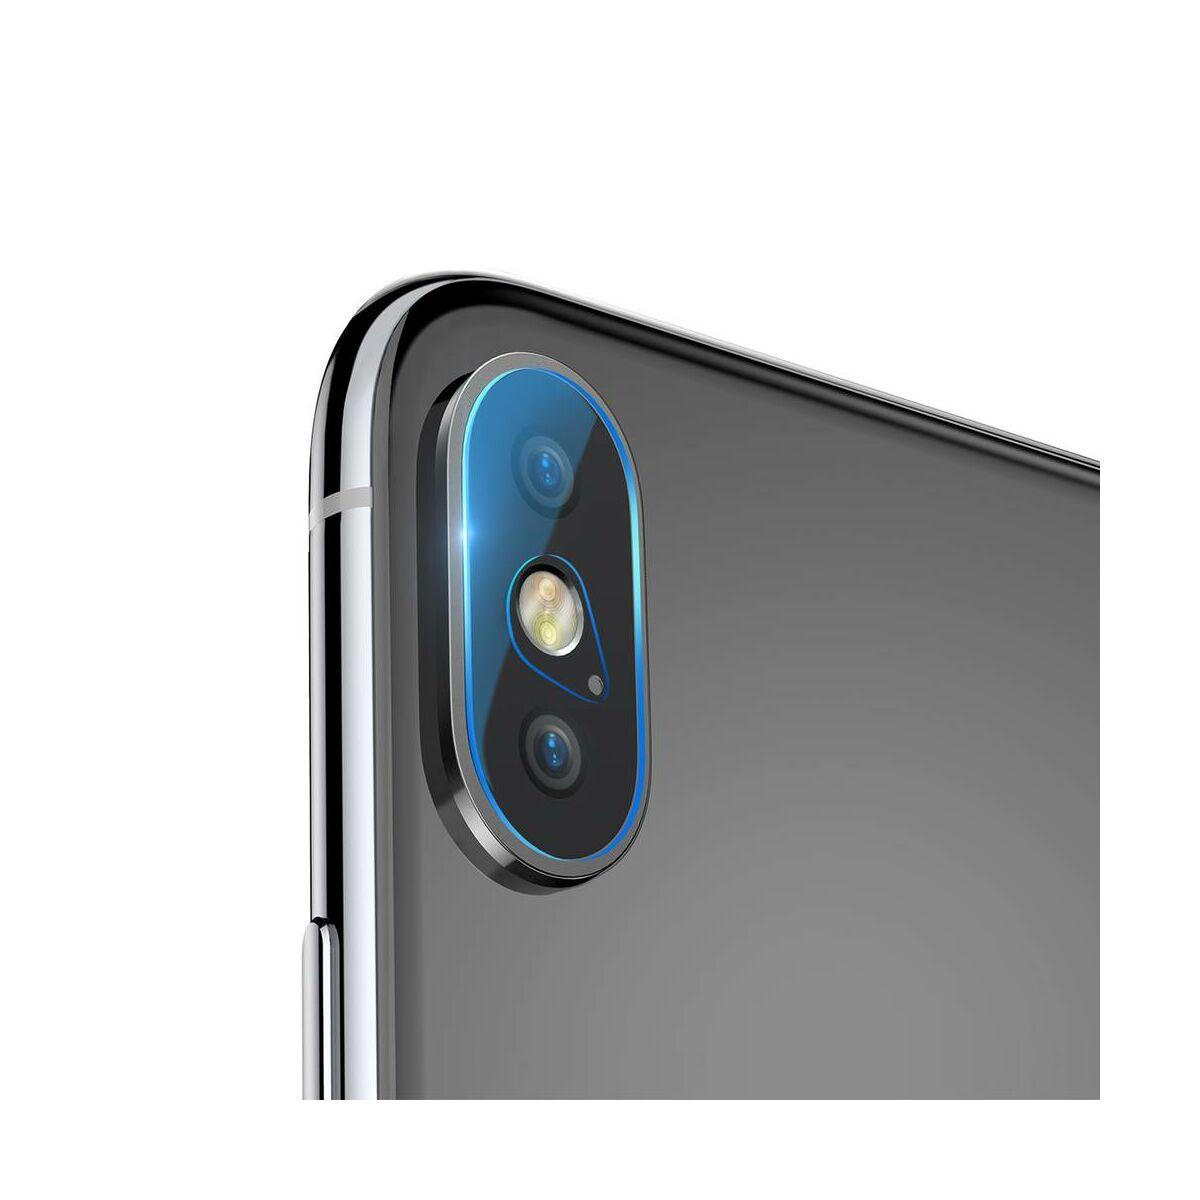 Baseus iPhone XS Max kamera lencse üveg fólia 0.2 mm, átlátszó (SGAPIPH65-JT02)